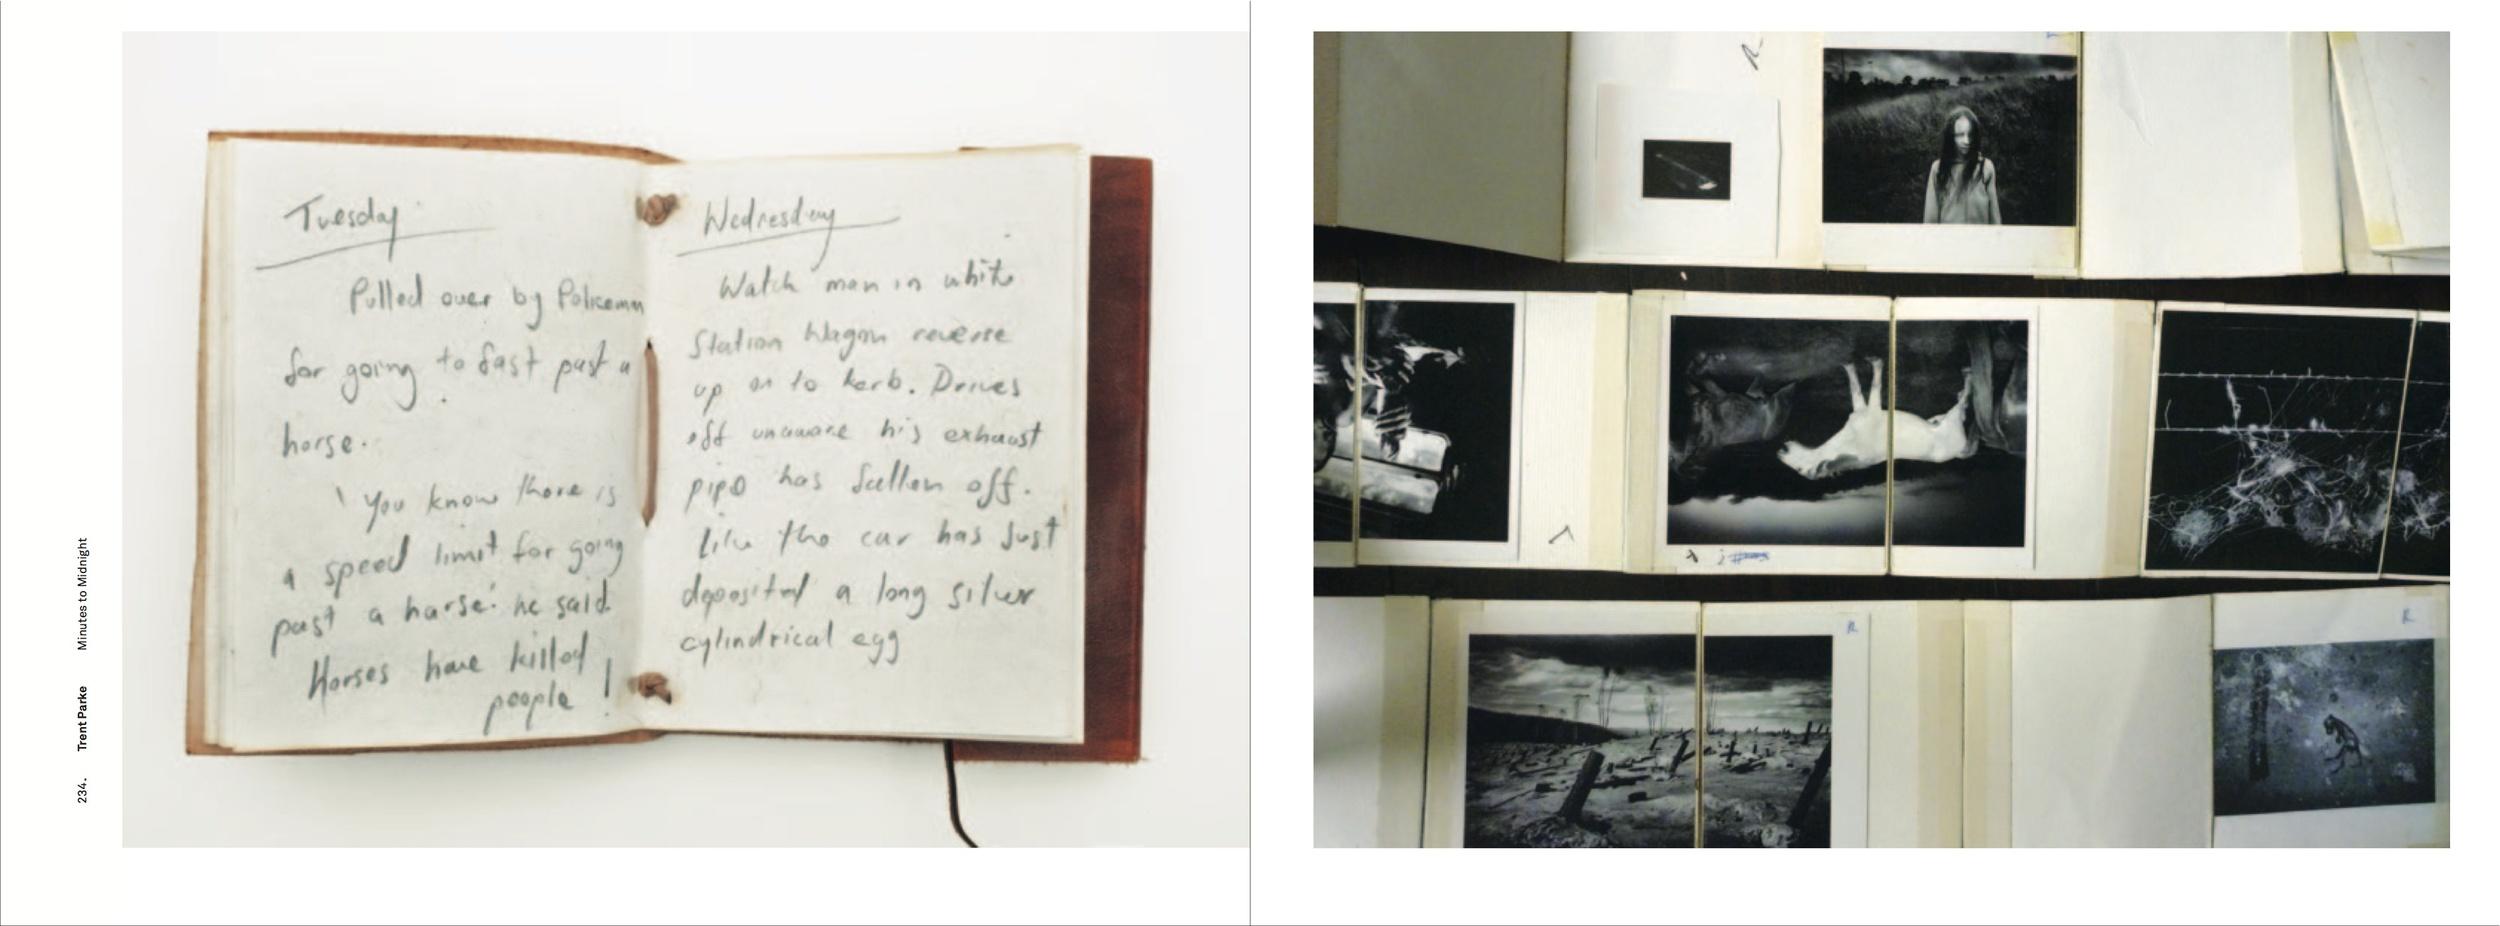 Trent Parke's sketchbook.